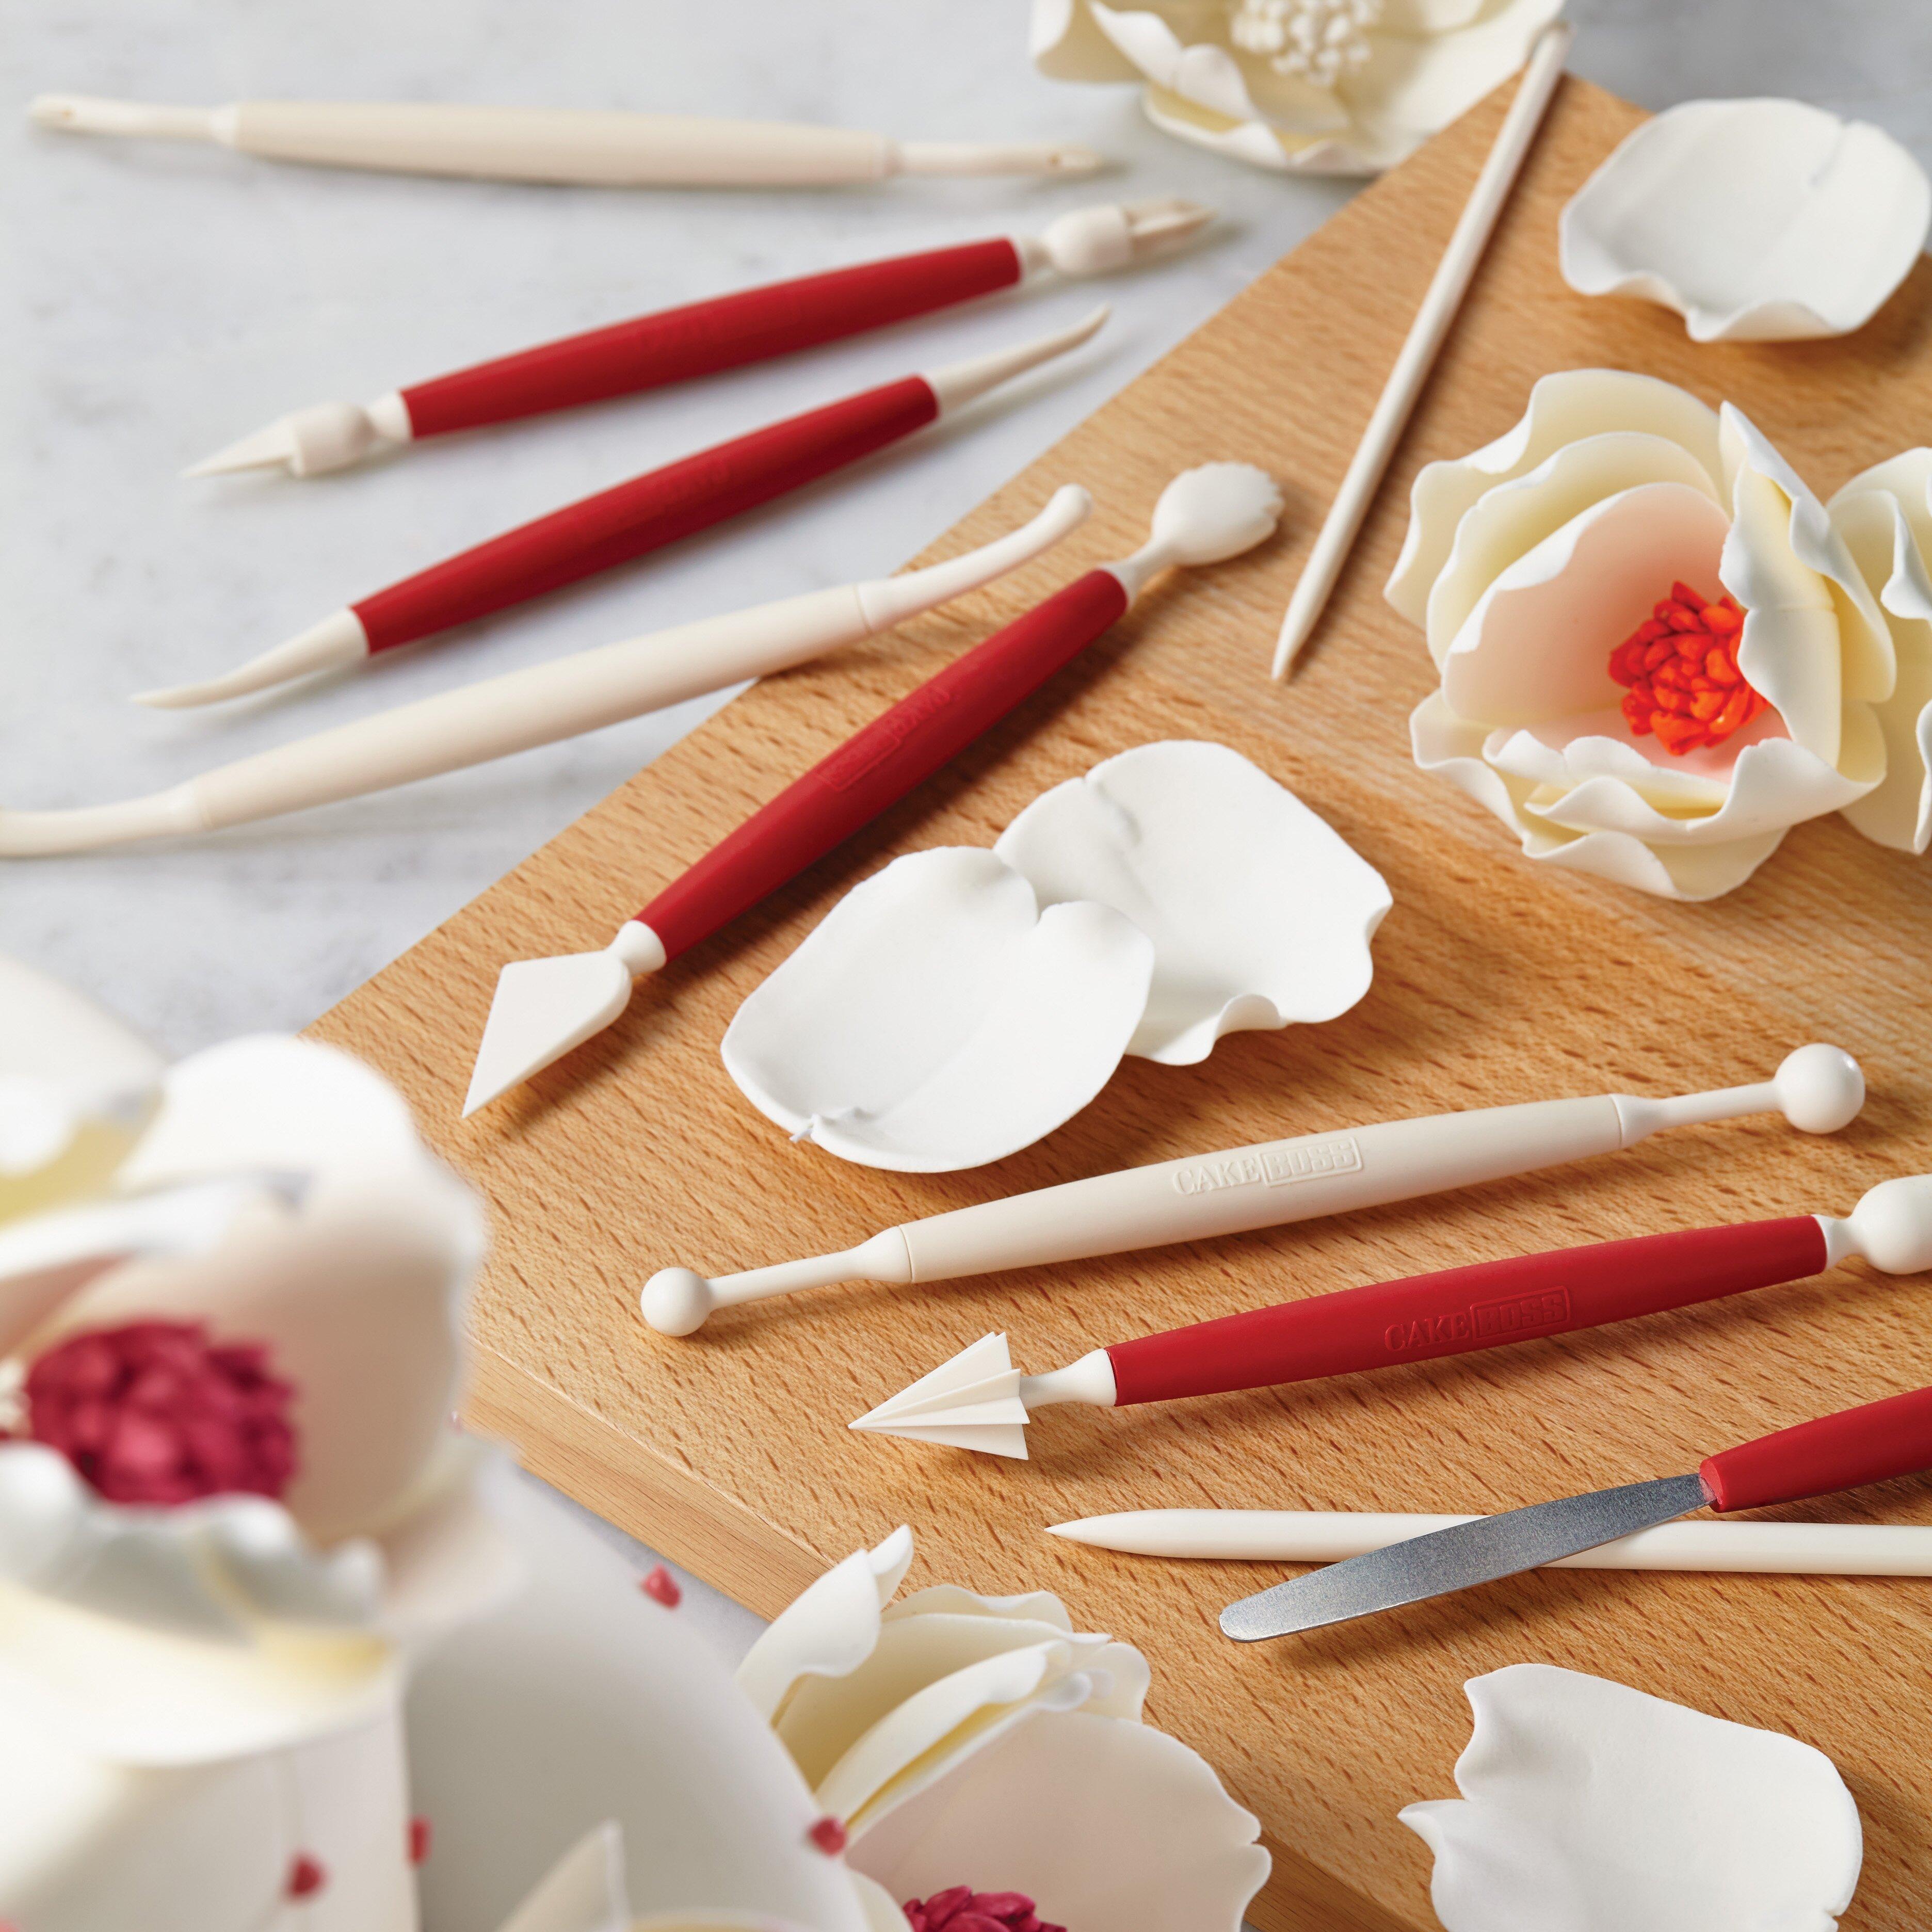 Cake Decorating Airbrush Kit Cake Decorating Airbrush Kit Reviews Cake